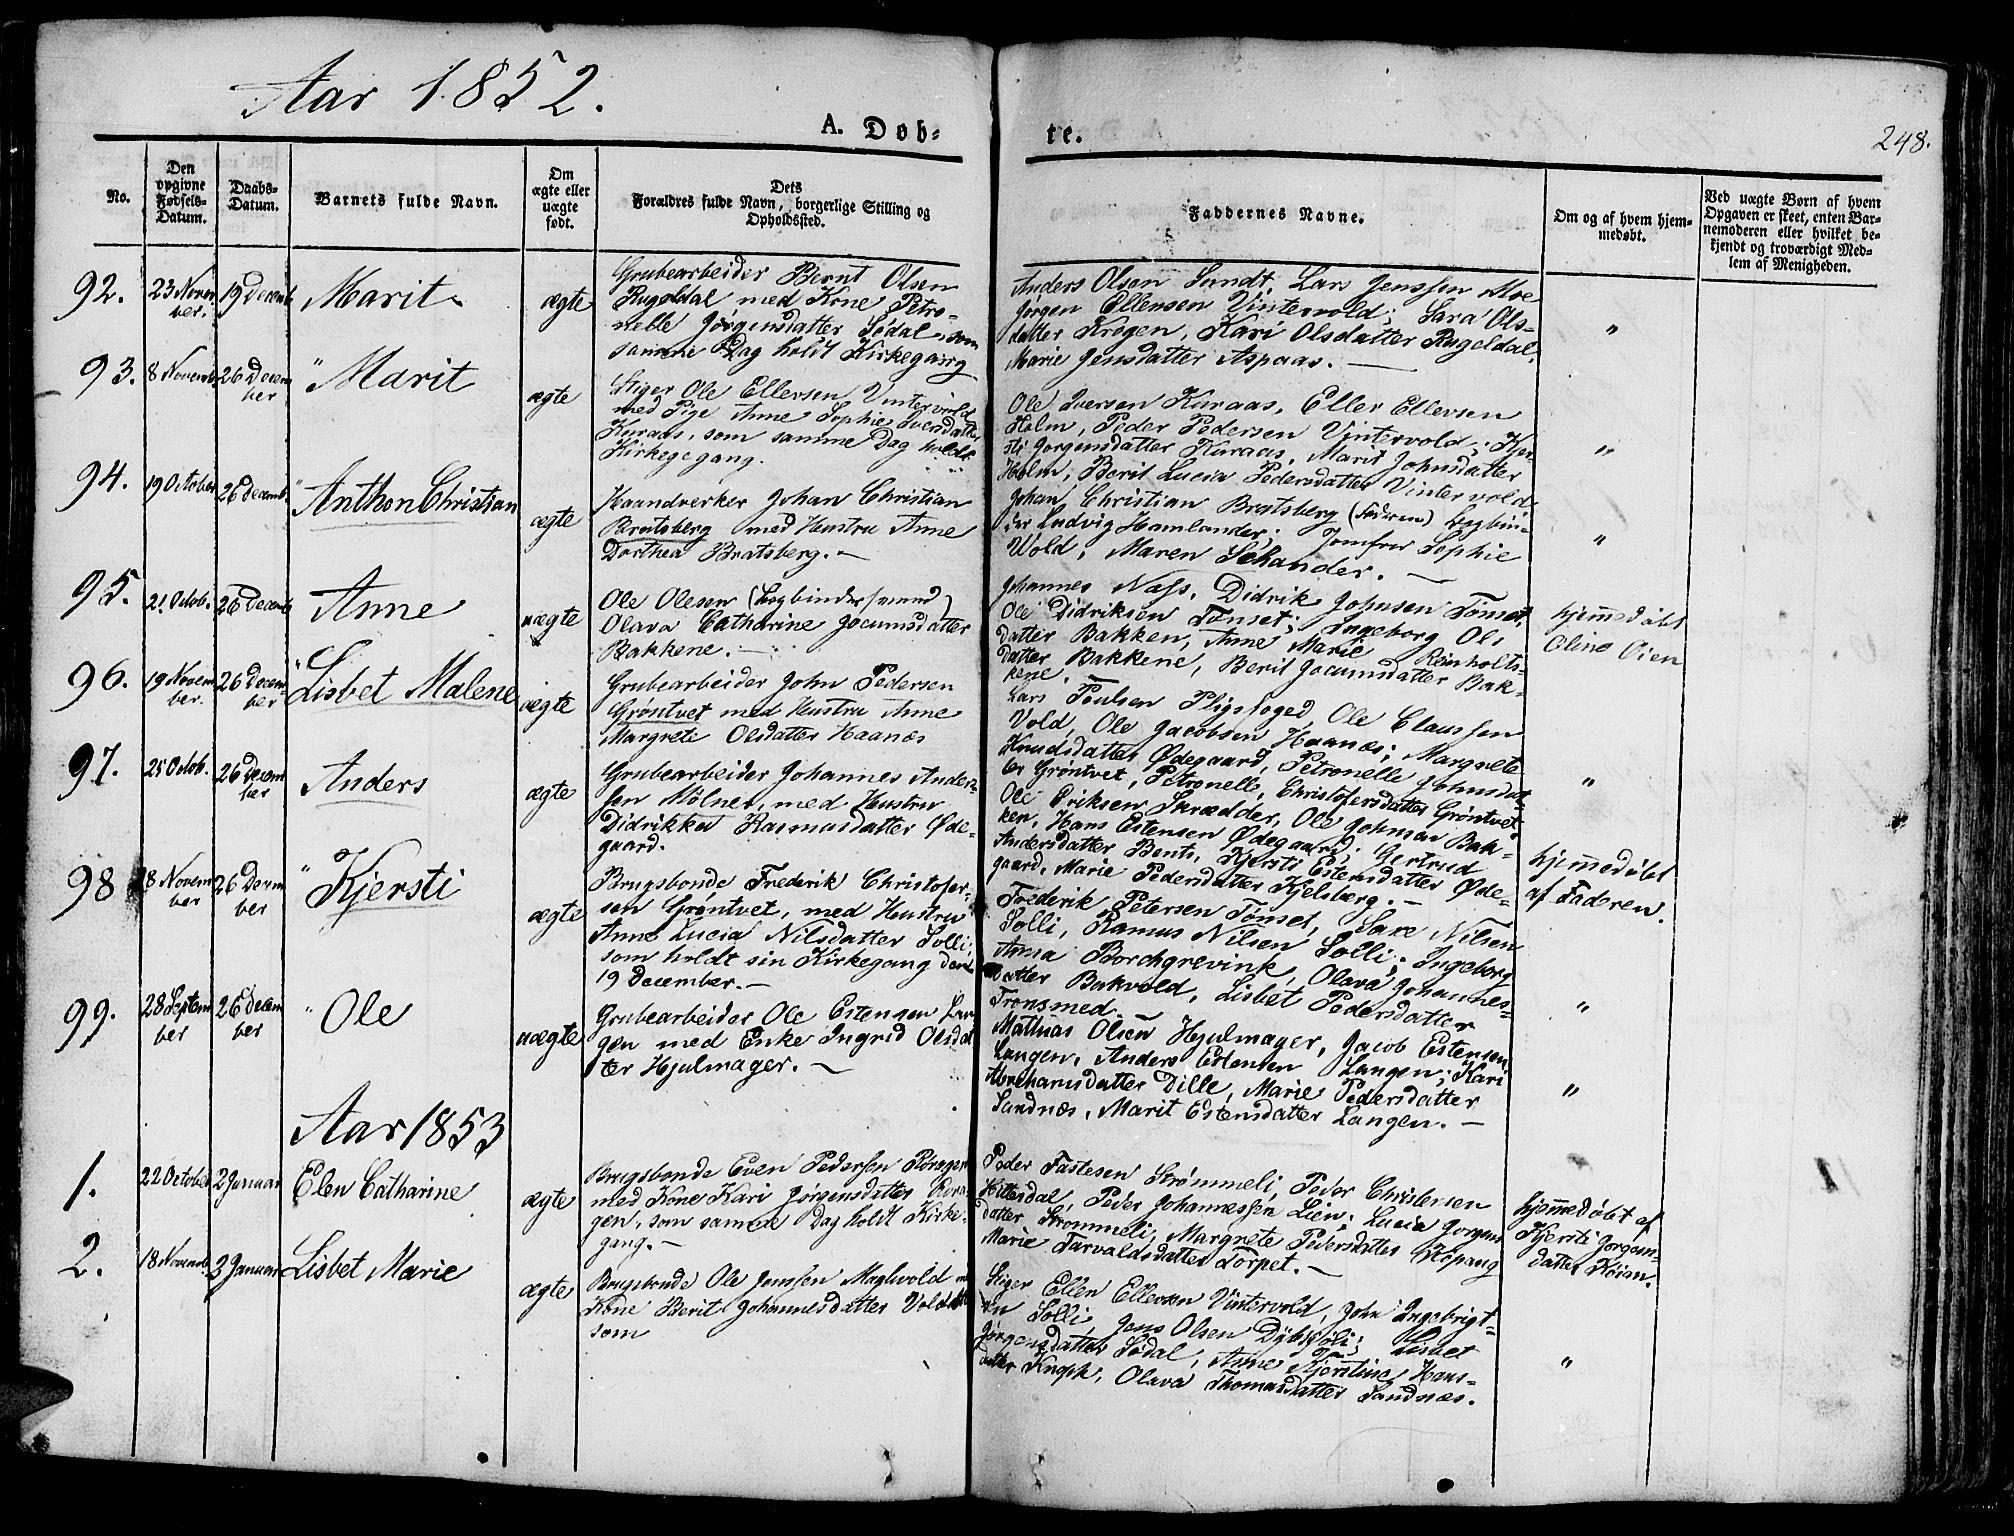 SAT, Ministerialprotokoller, klokkerbøker og fødselsregistre - Sør-Trøndelag, 681/L0938: Klokkerbok nr. 681C02, 1829-1879, s. 248